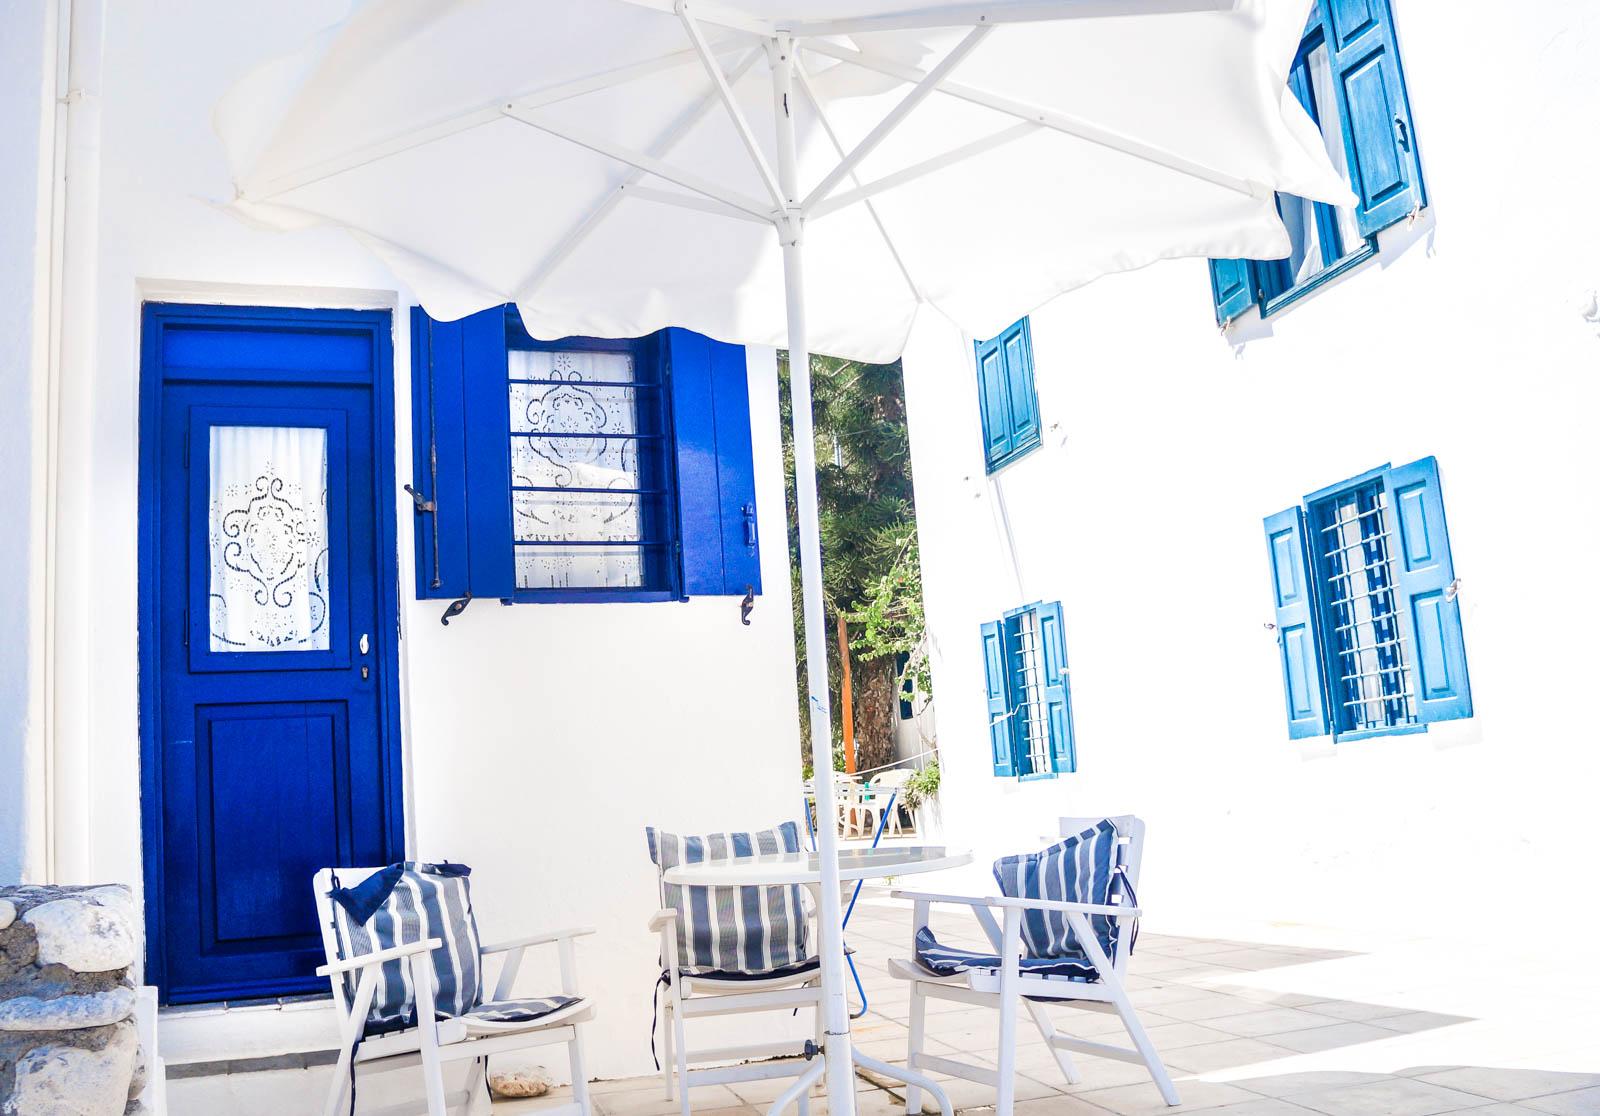 loutro-crete-greece-la-vie-en-blog-all-rights-reserved-10